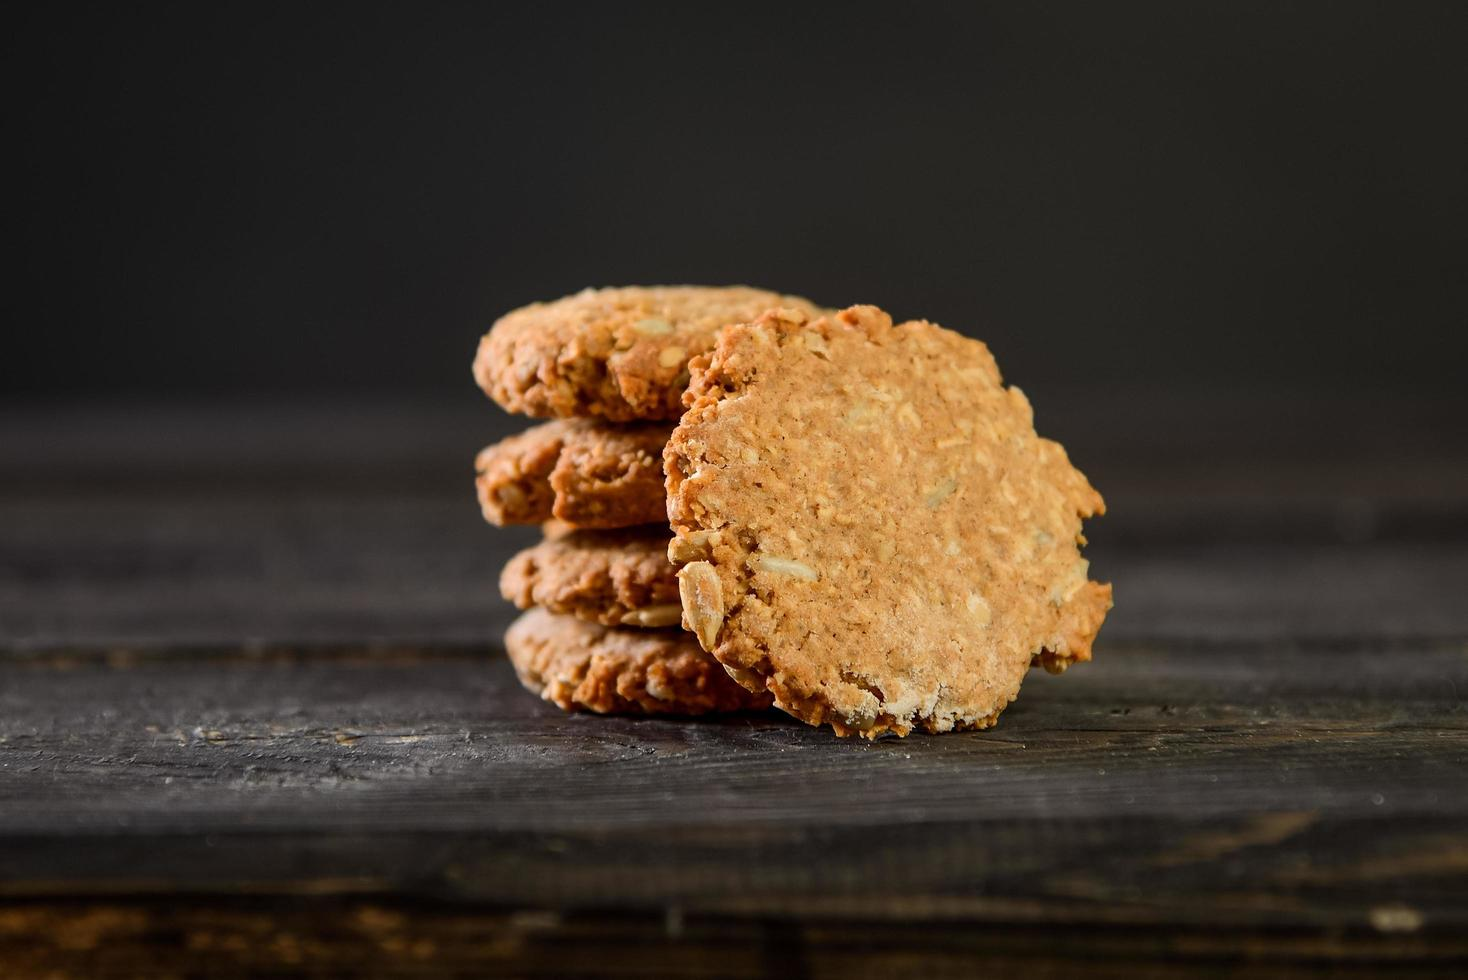 Tas de biscuits à l'avoine sur table en bois photo